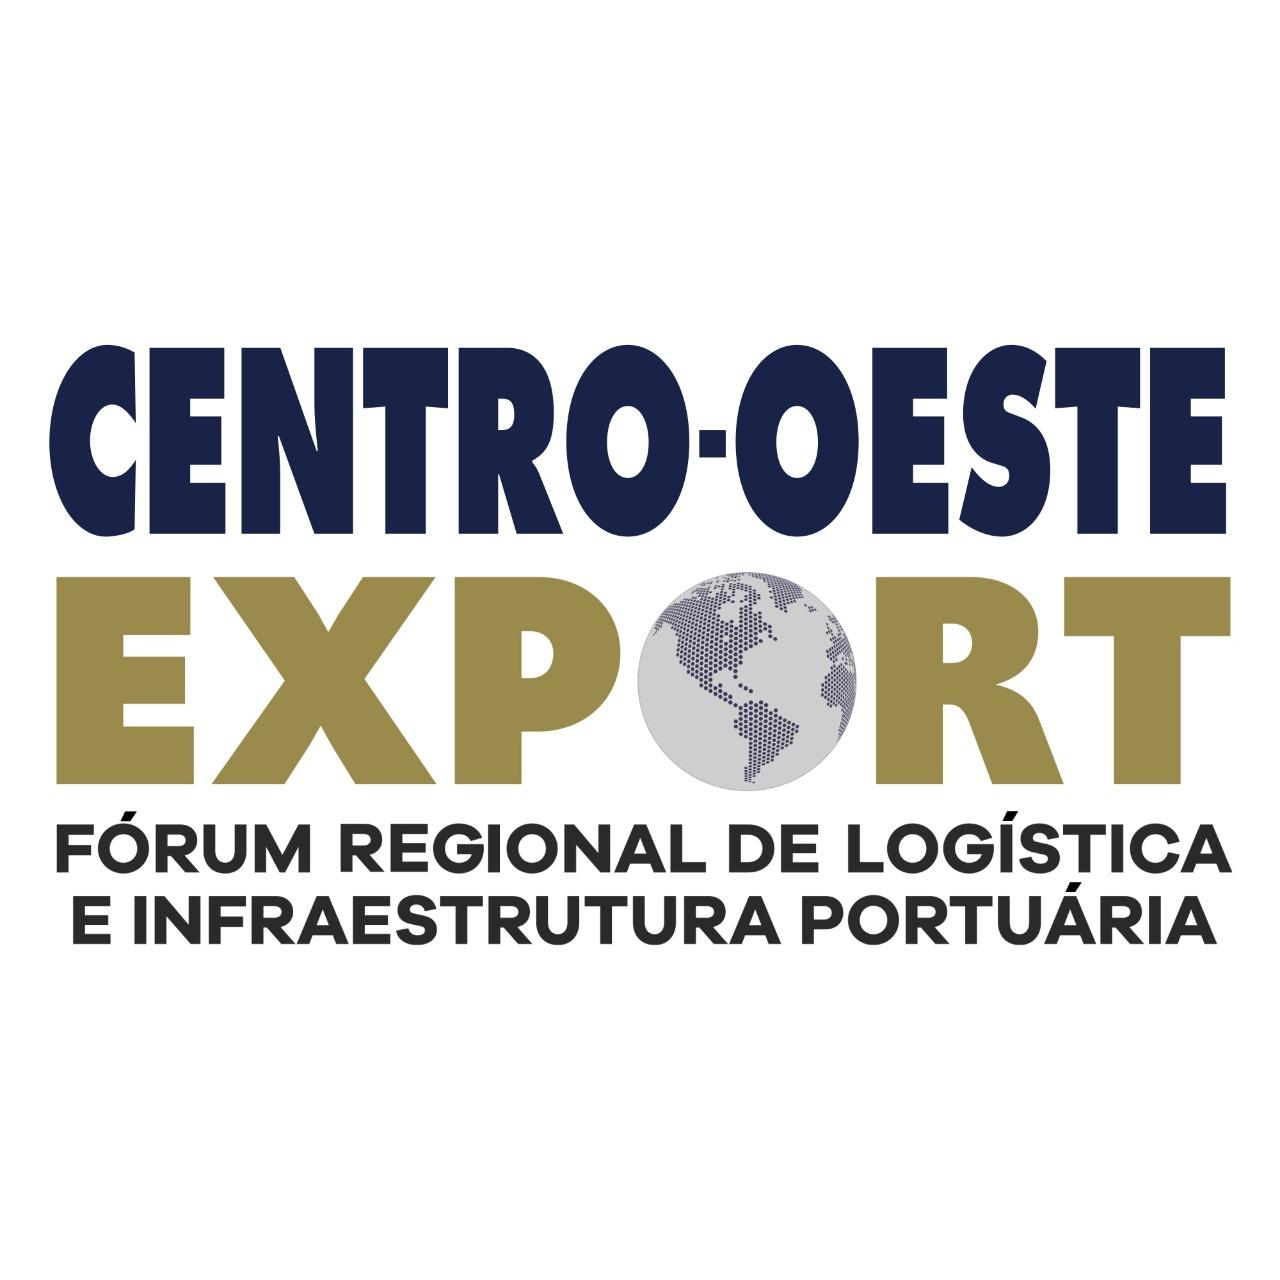 Painel debaterá potencial econômico e estratégico da região centro-oeste, com participação de Frenlogi e IBL